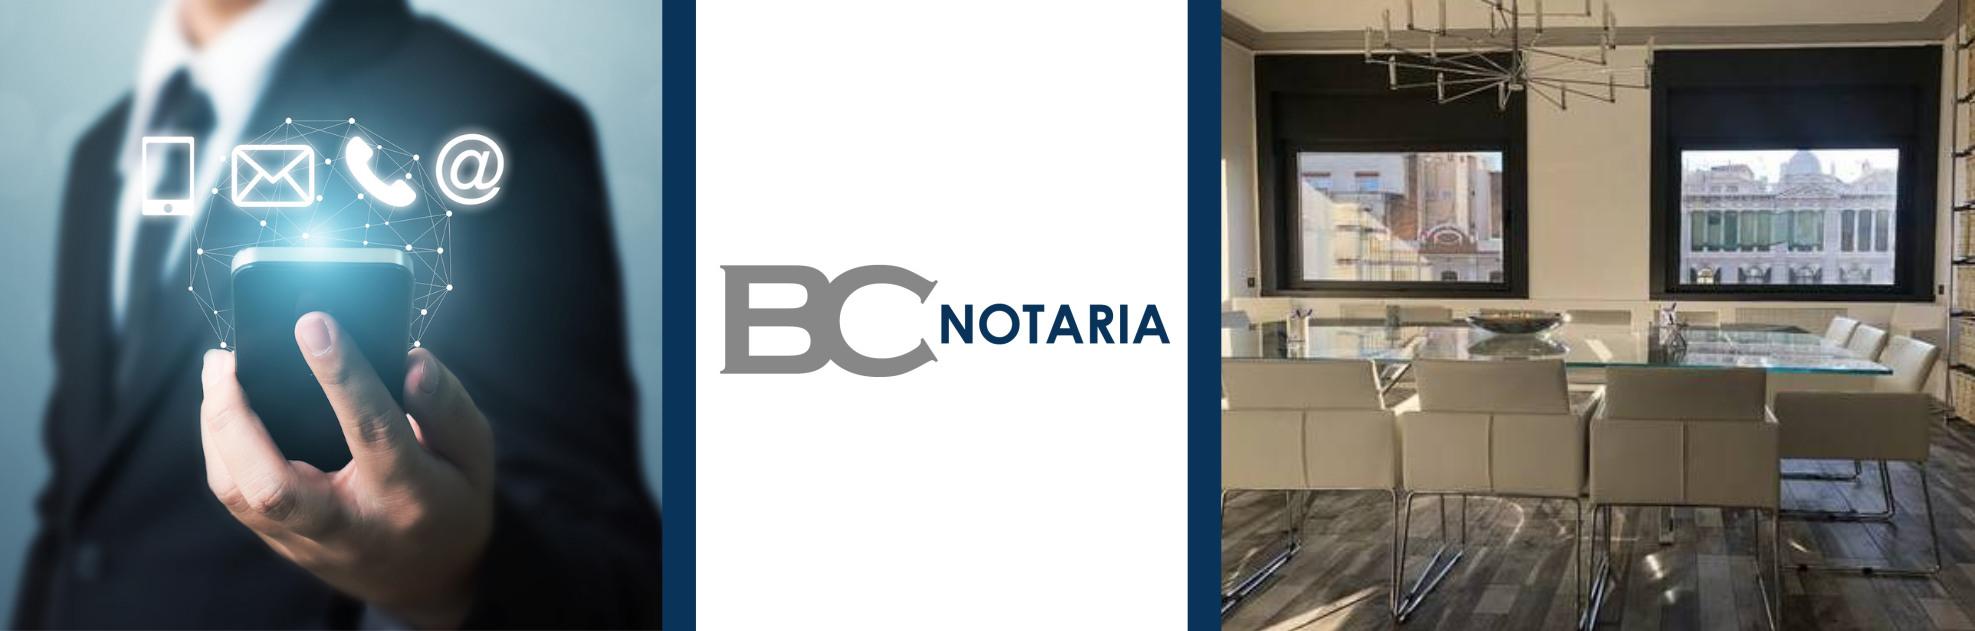 Bc Notaria Cita